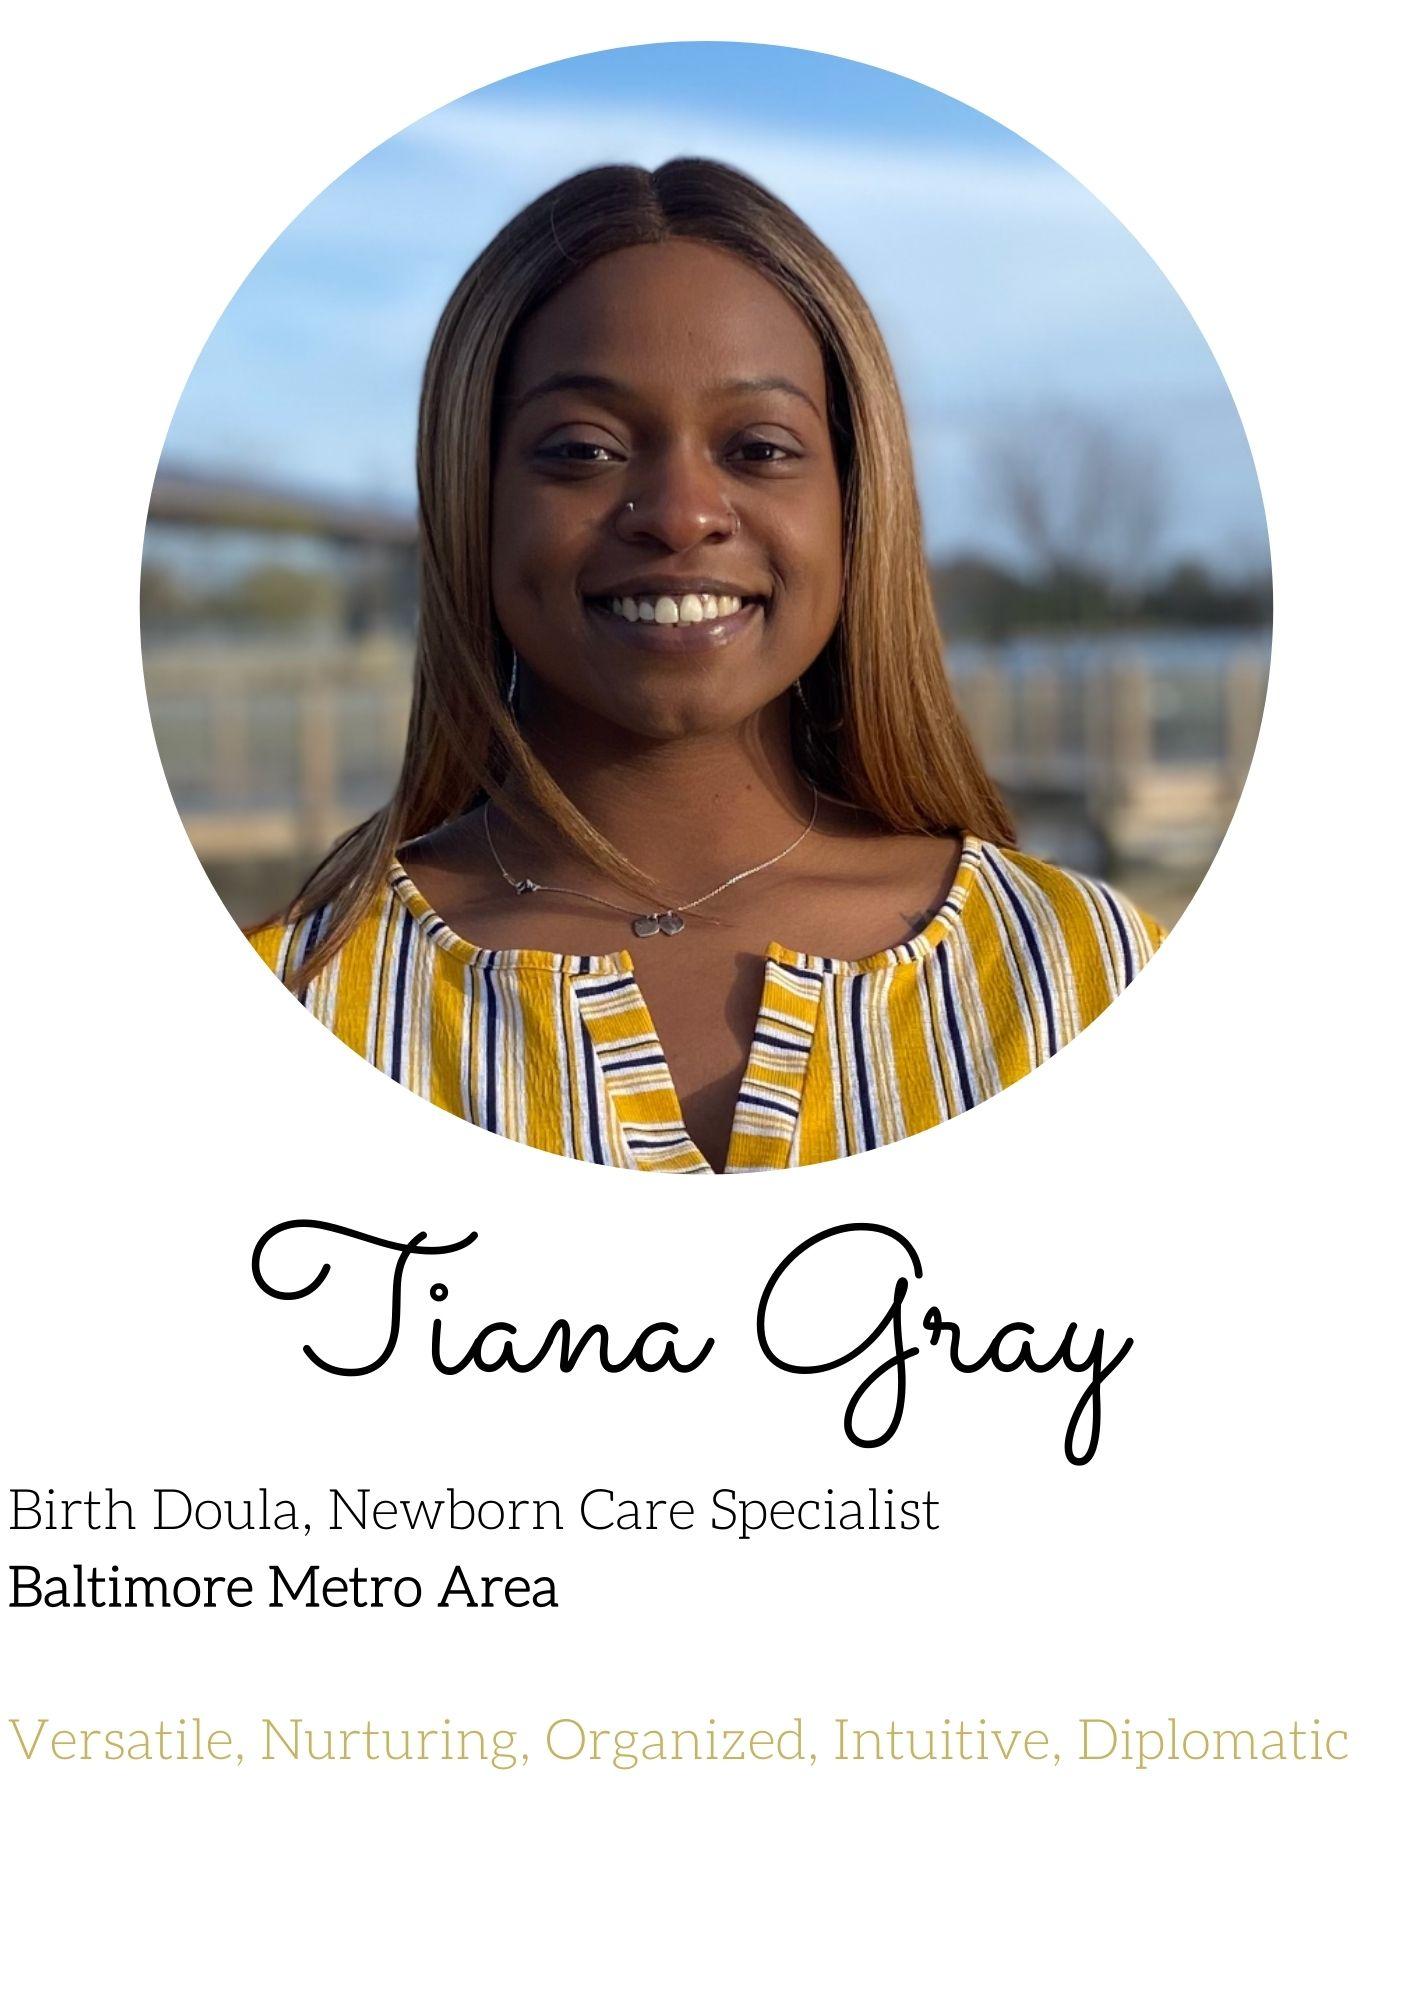 Tiana Gray Birth Doula, Newborn Care Specialist